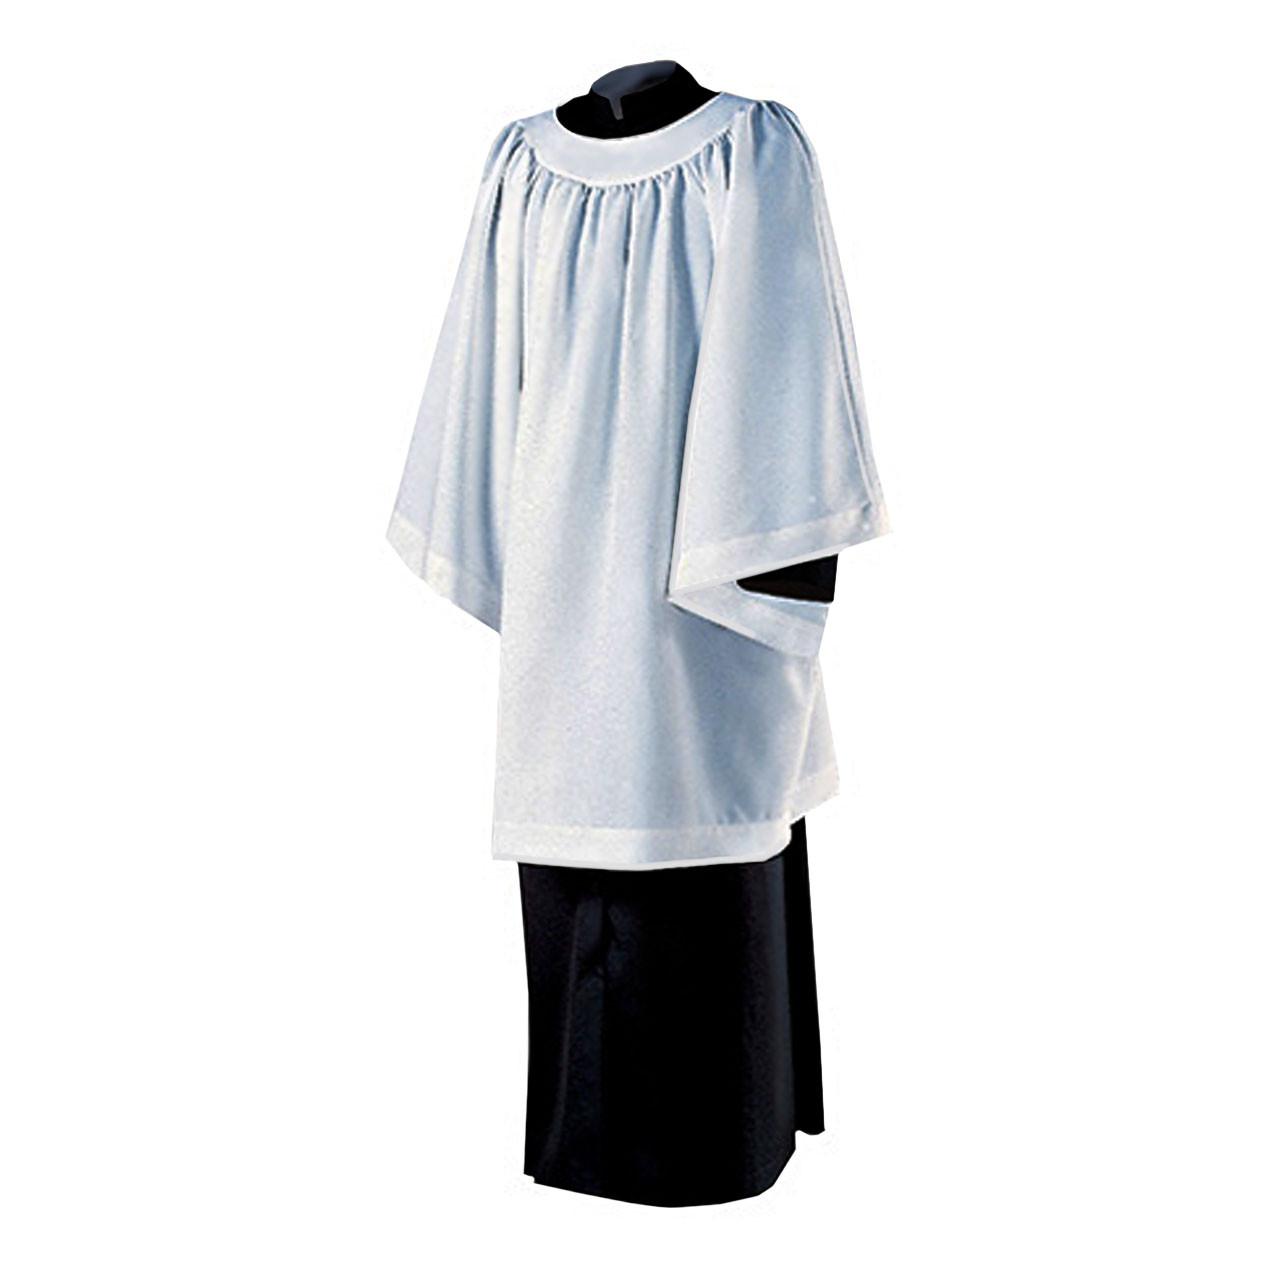 335 Liturgical Surplice XL